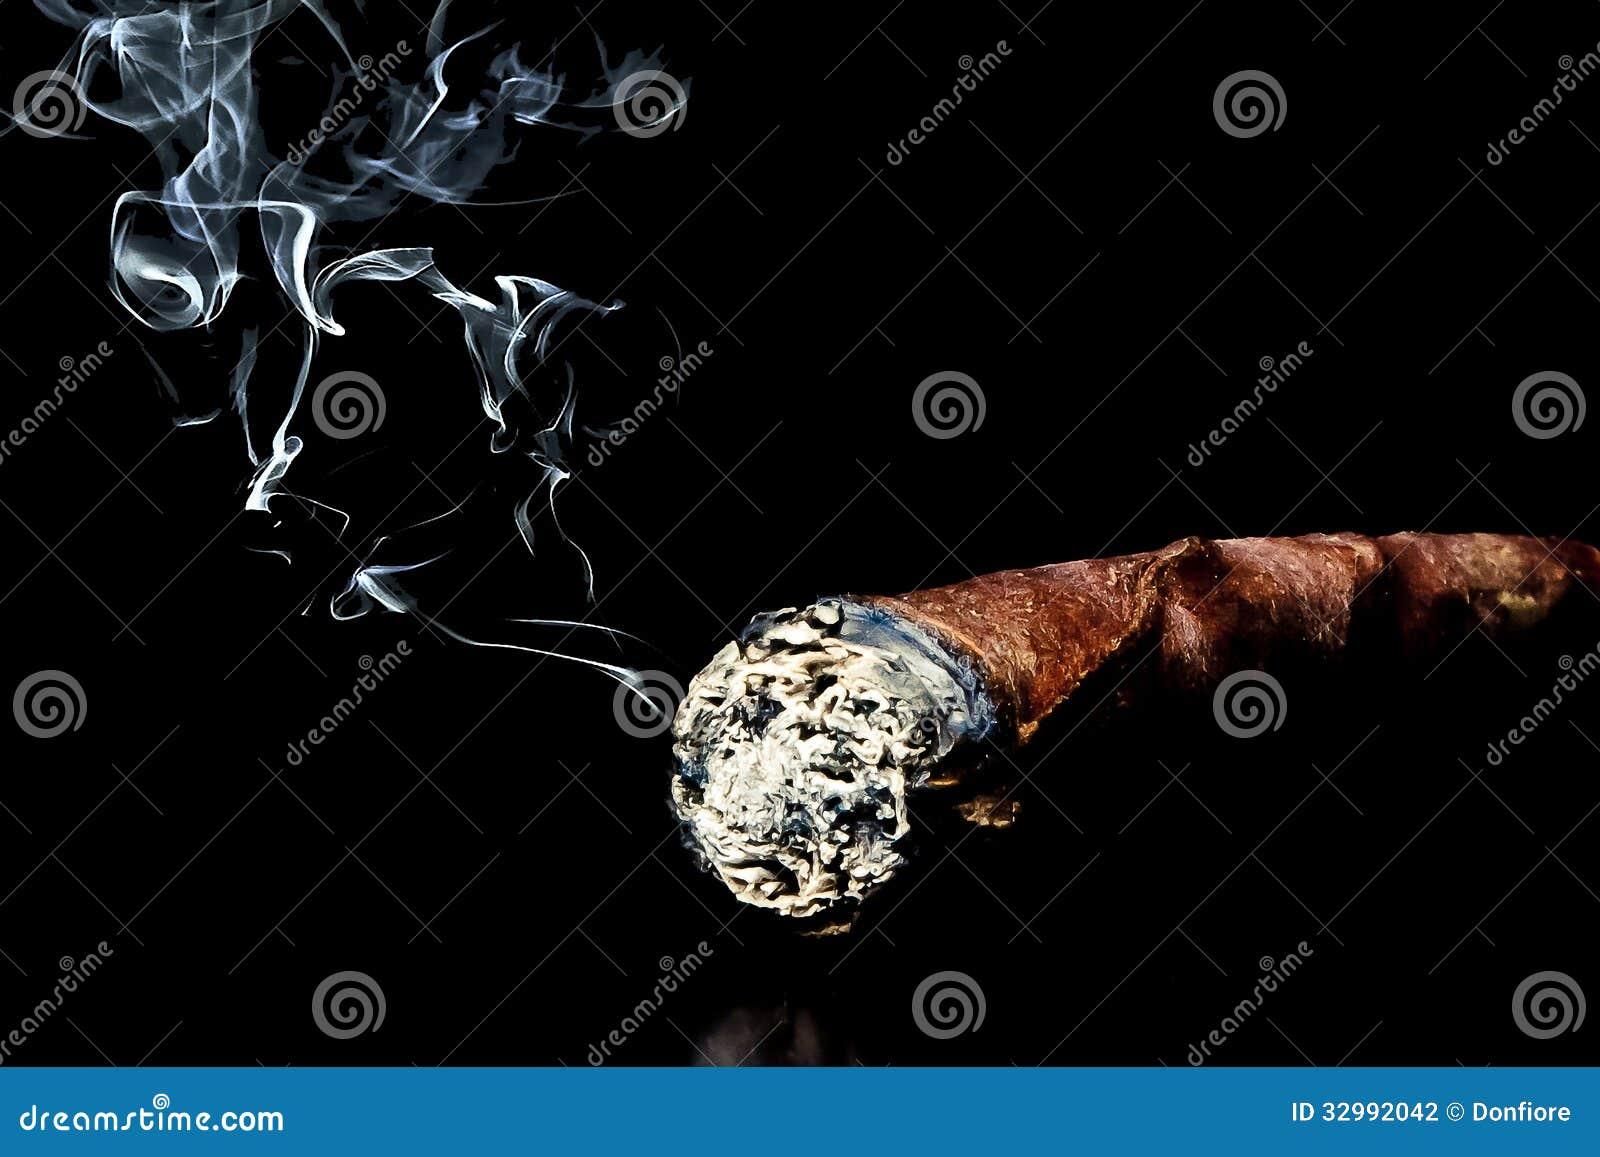 Cigarro con humo con el espacio para el texto